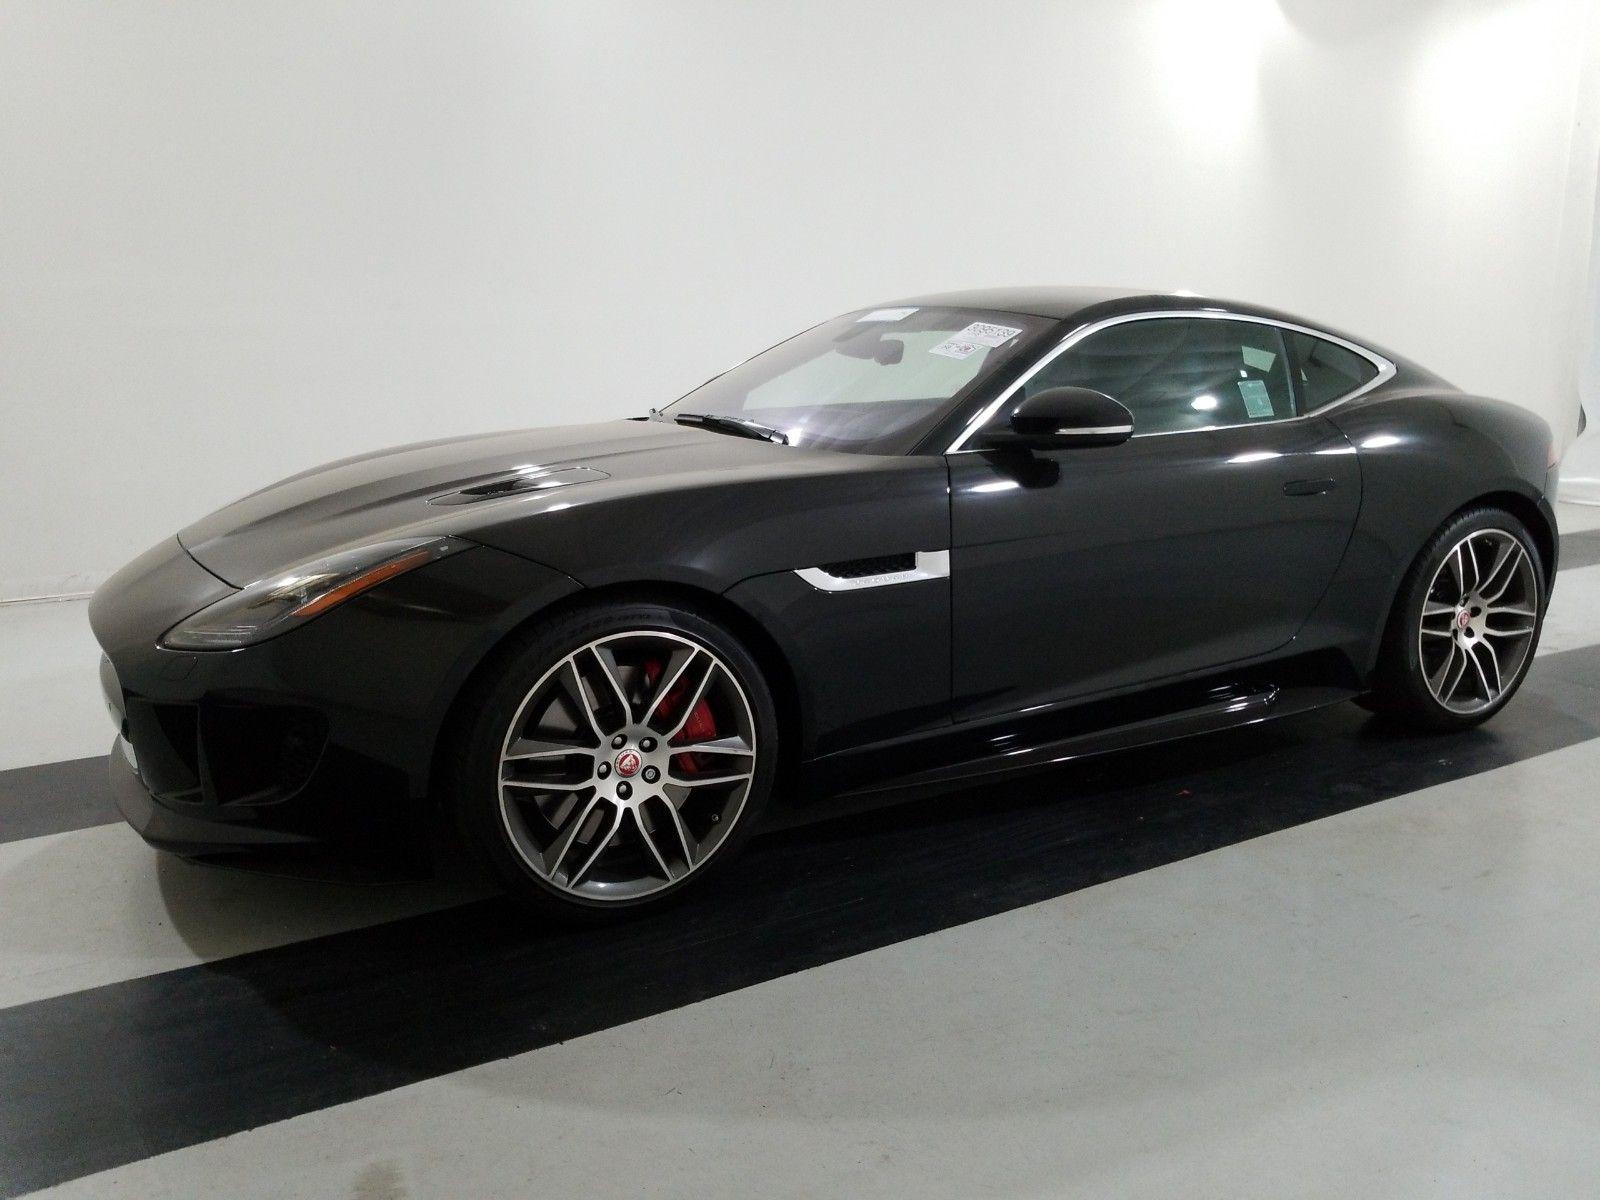 2017 Jaguar F-type 5.0. Lot 99913814656 Vin SAJWJ6DL1HMK42011